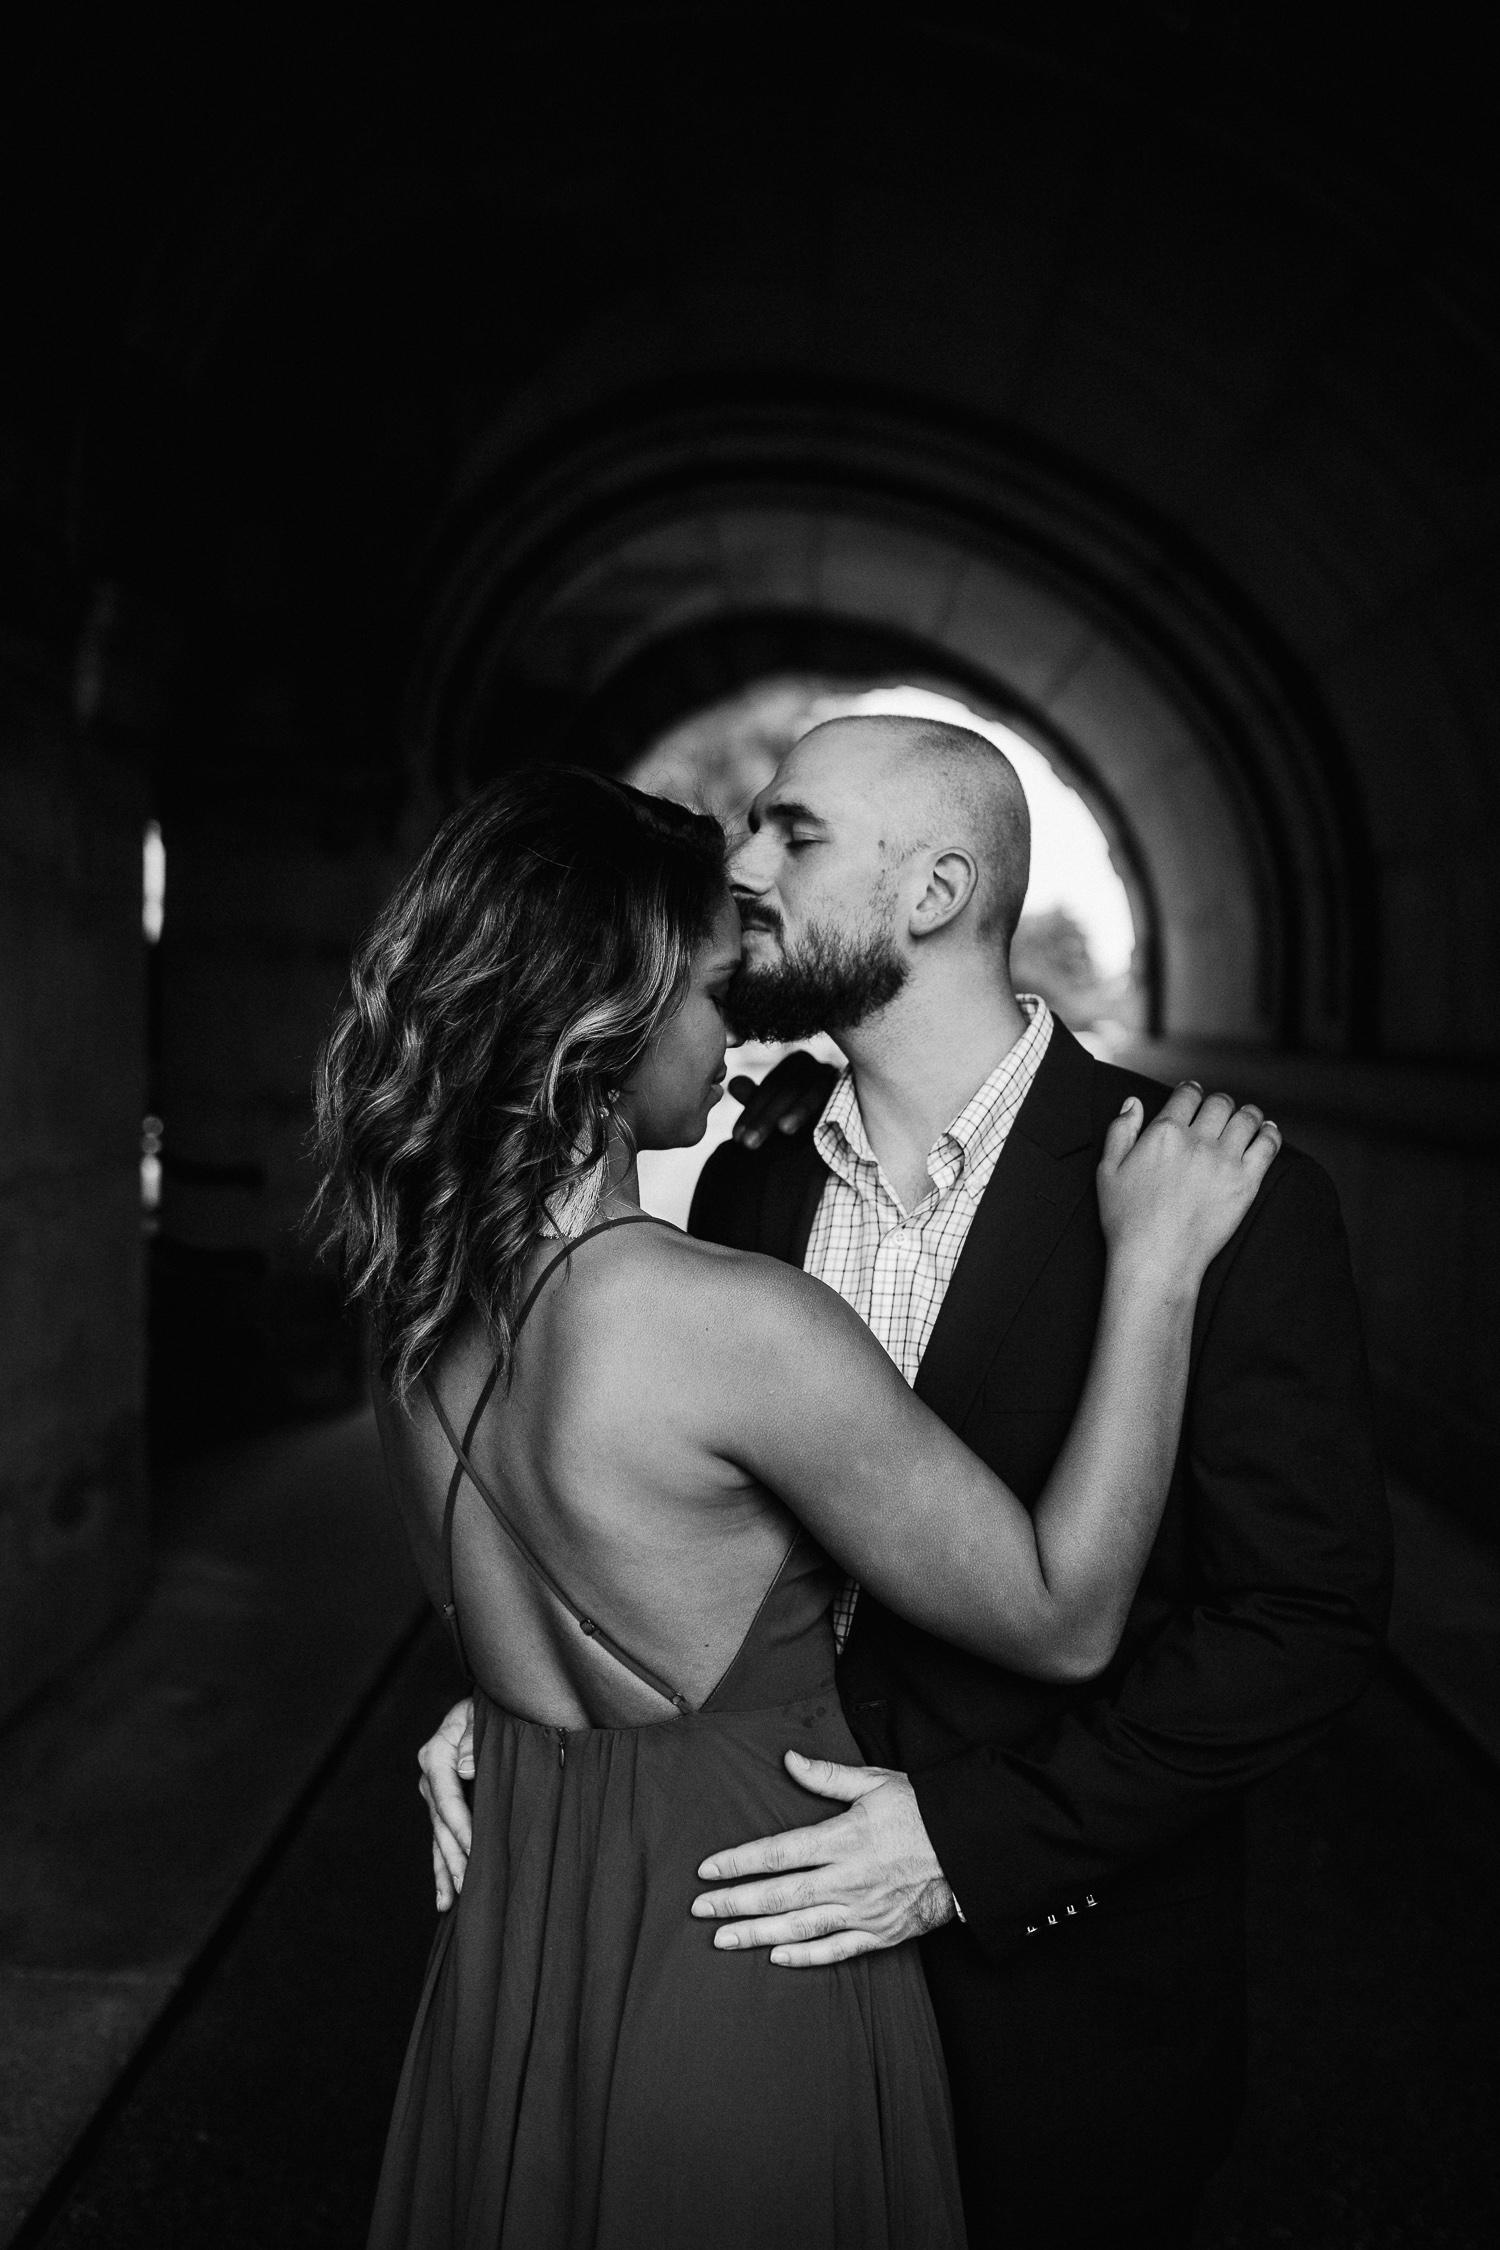 engagement photography by washington dc wedding photographer kiyah c photography